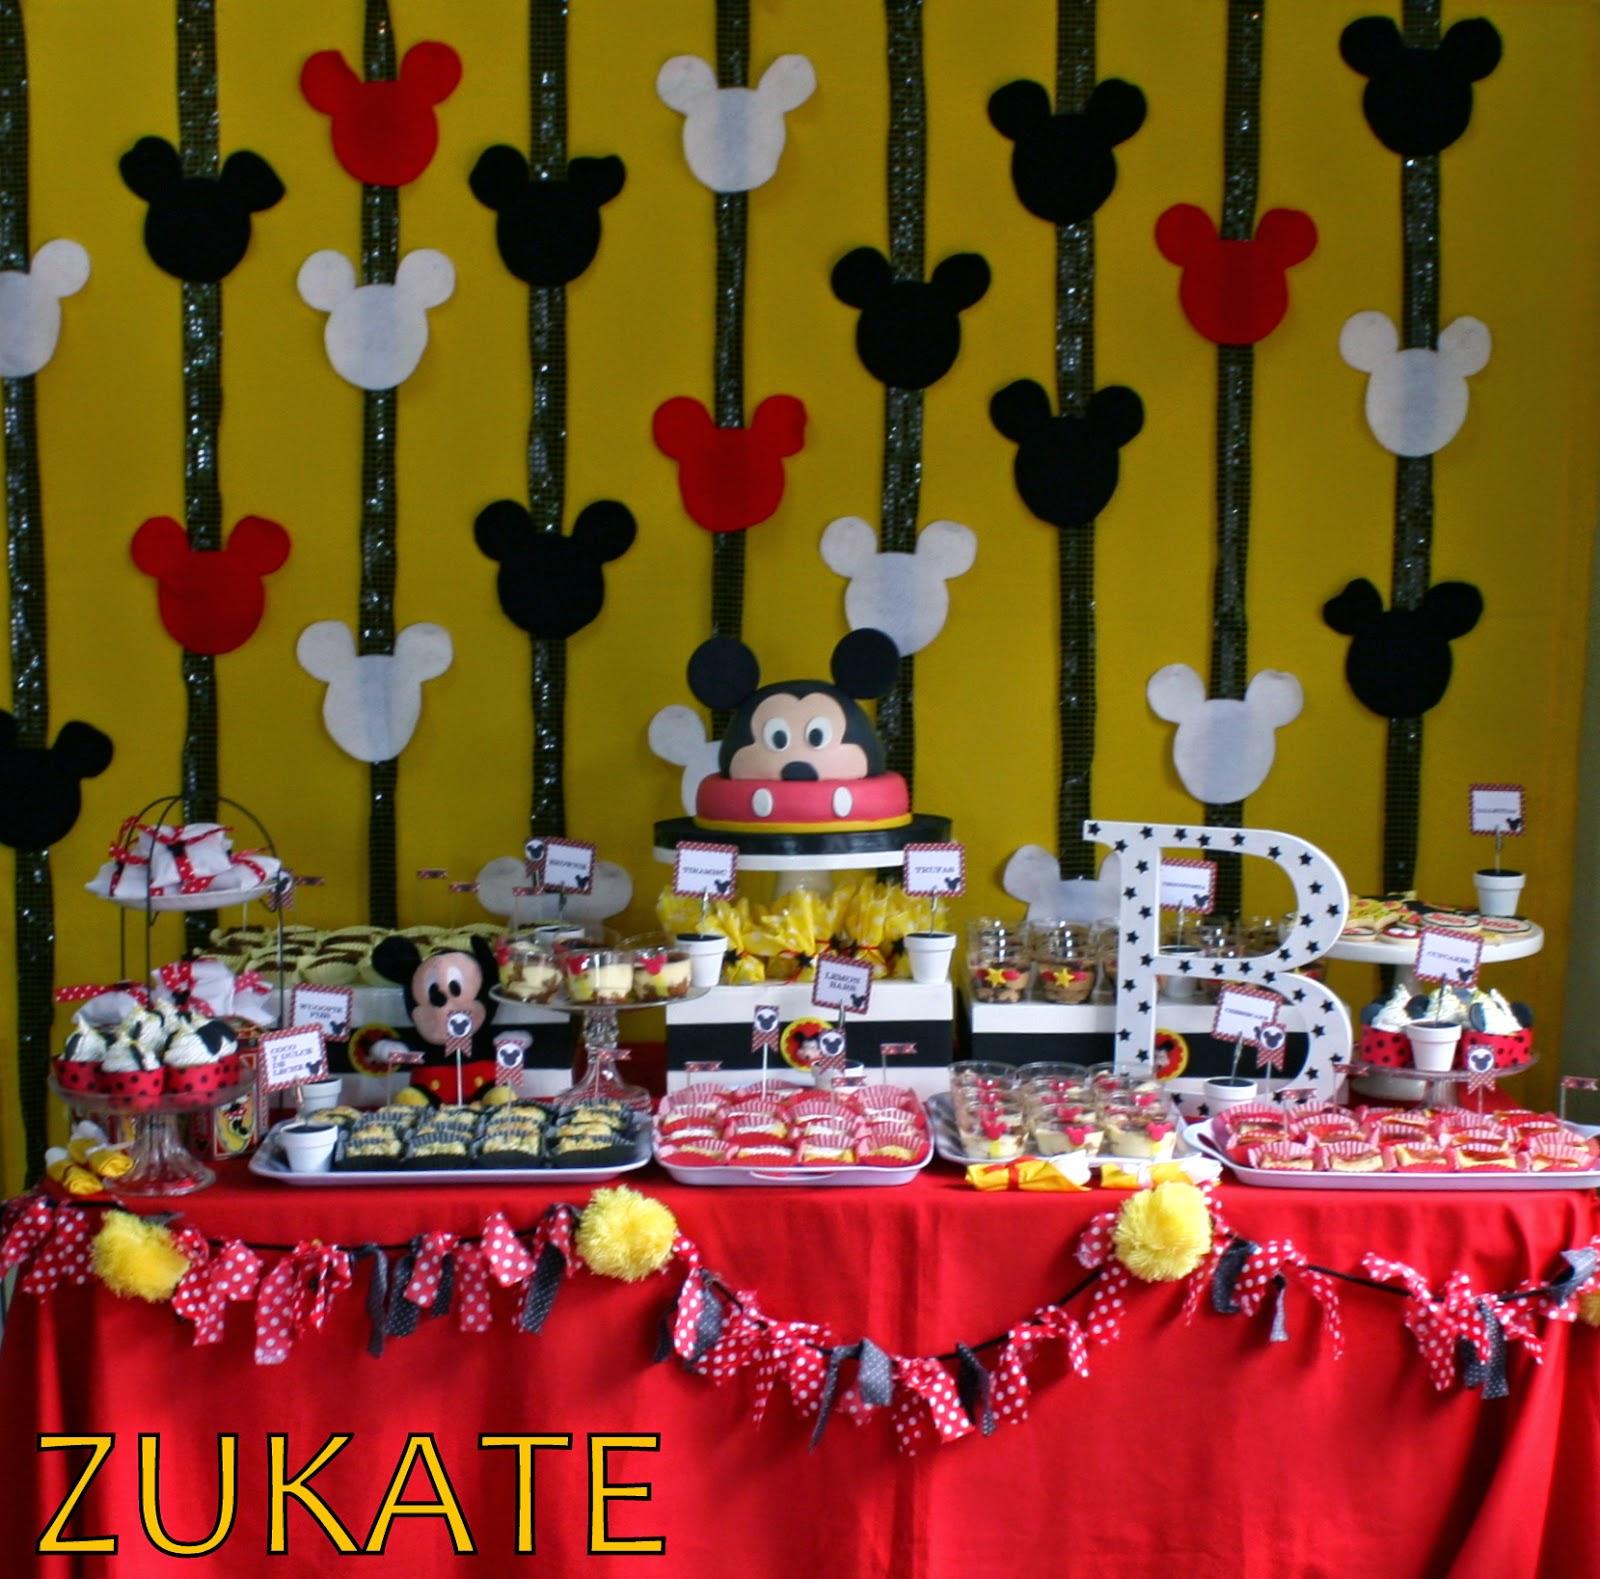 Fiesta de mickey mouse para benjam n zukate - Decoracion para fiestas infantiles mickey mouse ...